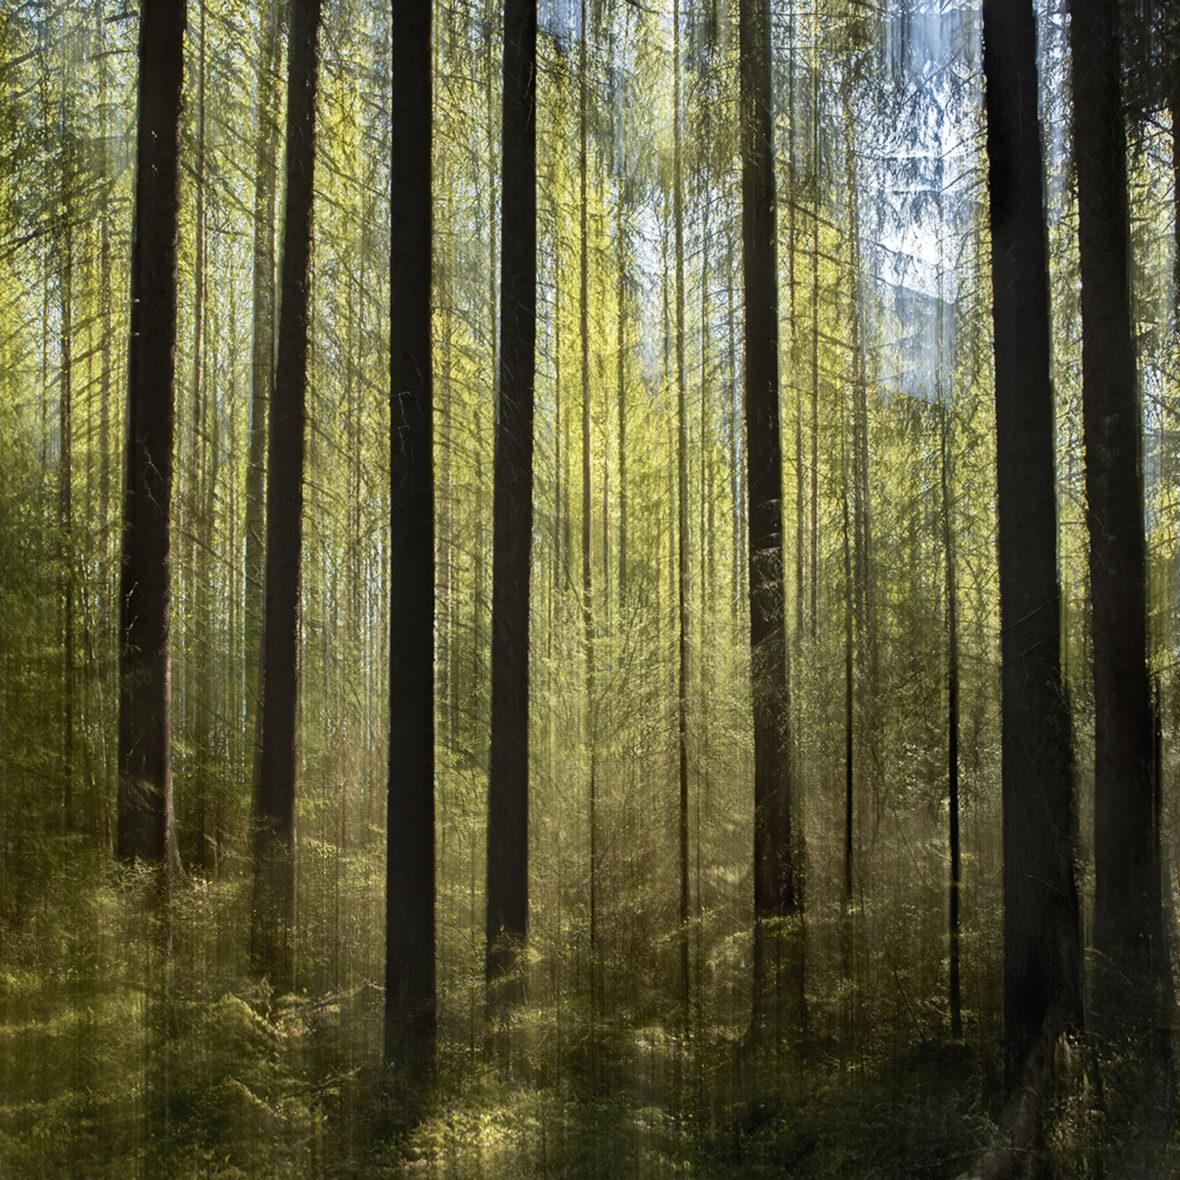 Vihreä Metsä / Green Forest